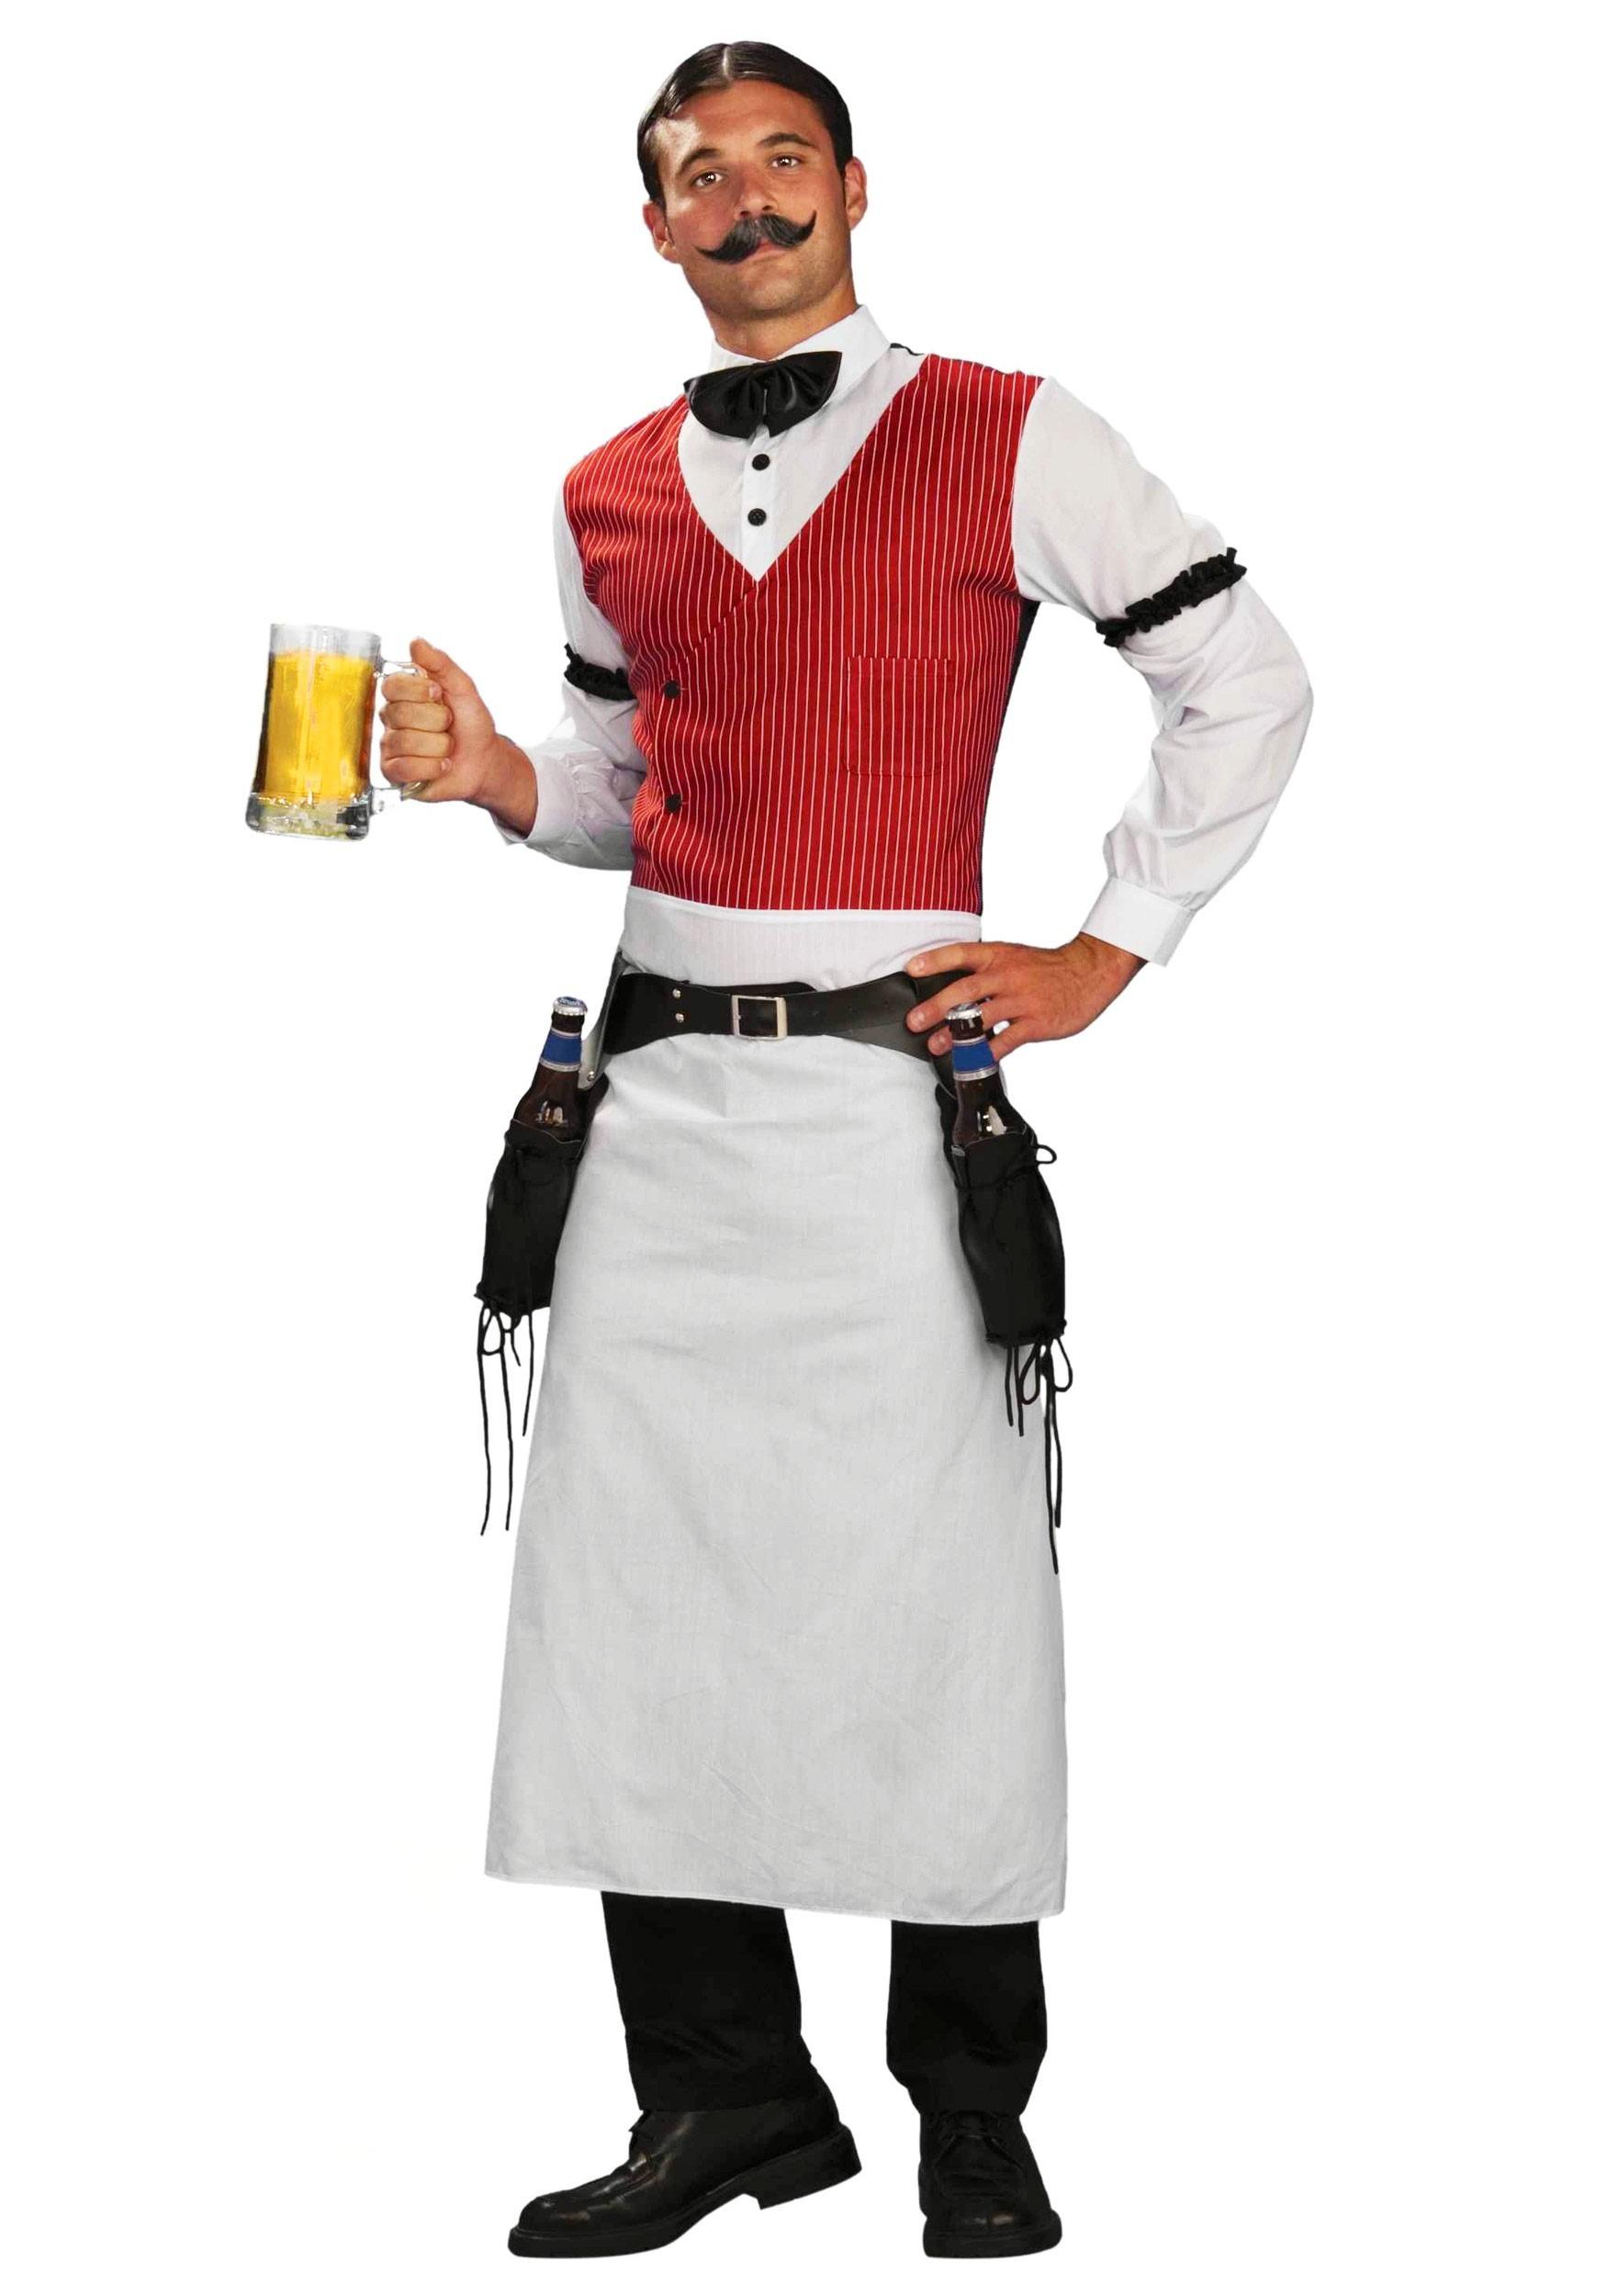 plus size saloon bartender costume. Black Bedroom Furniture Sets. Home Design Ideas